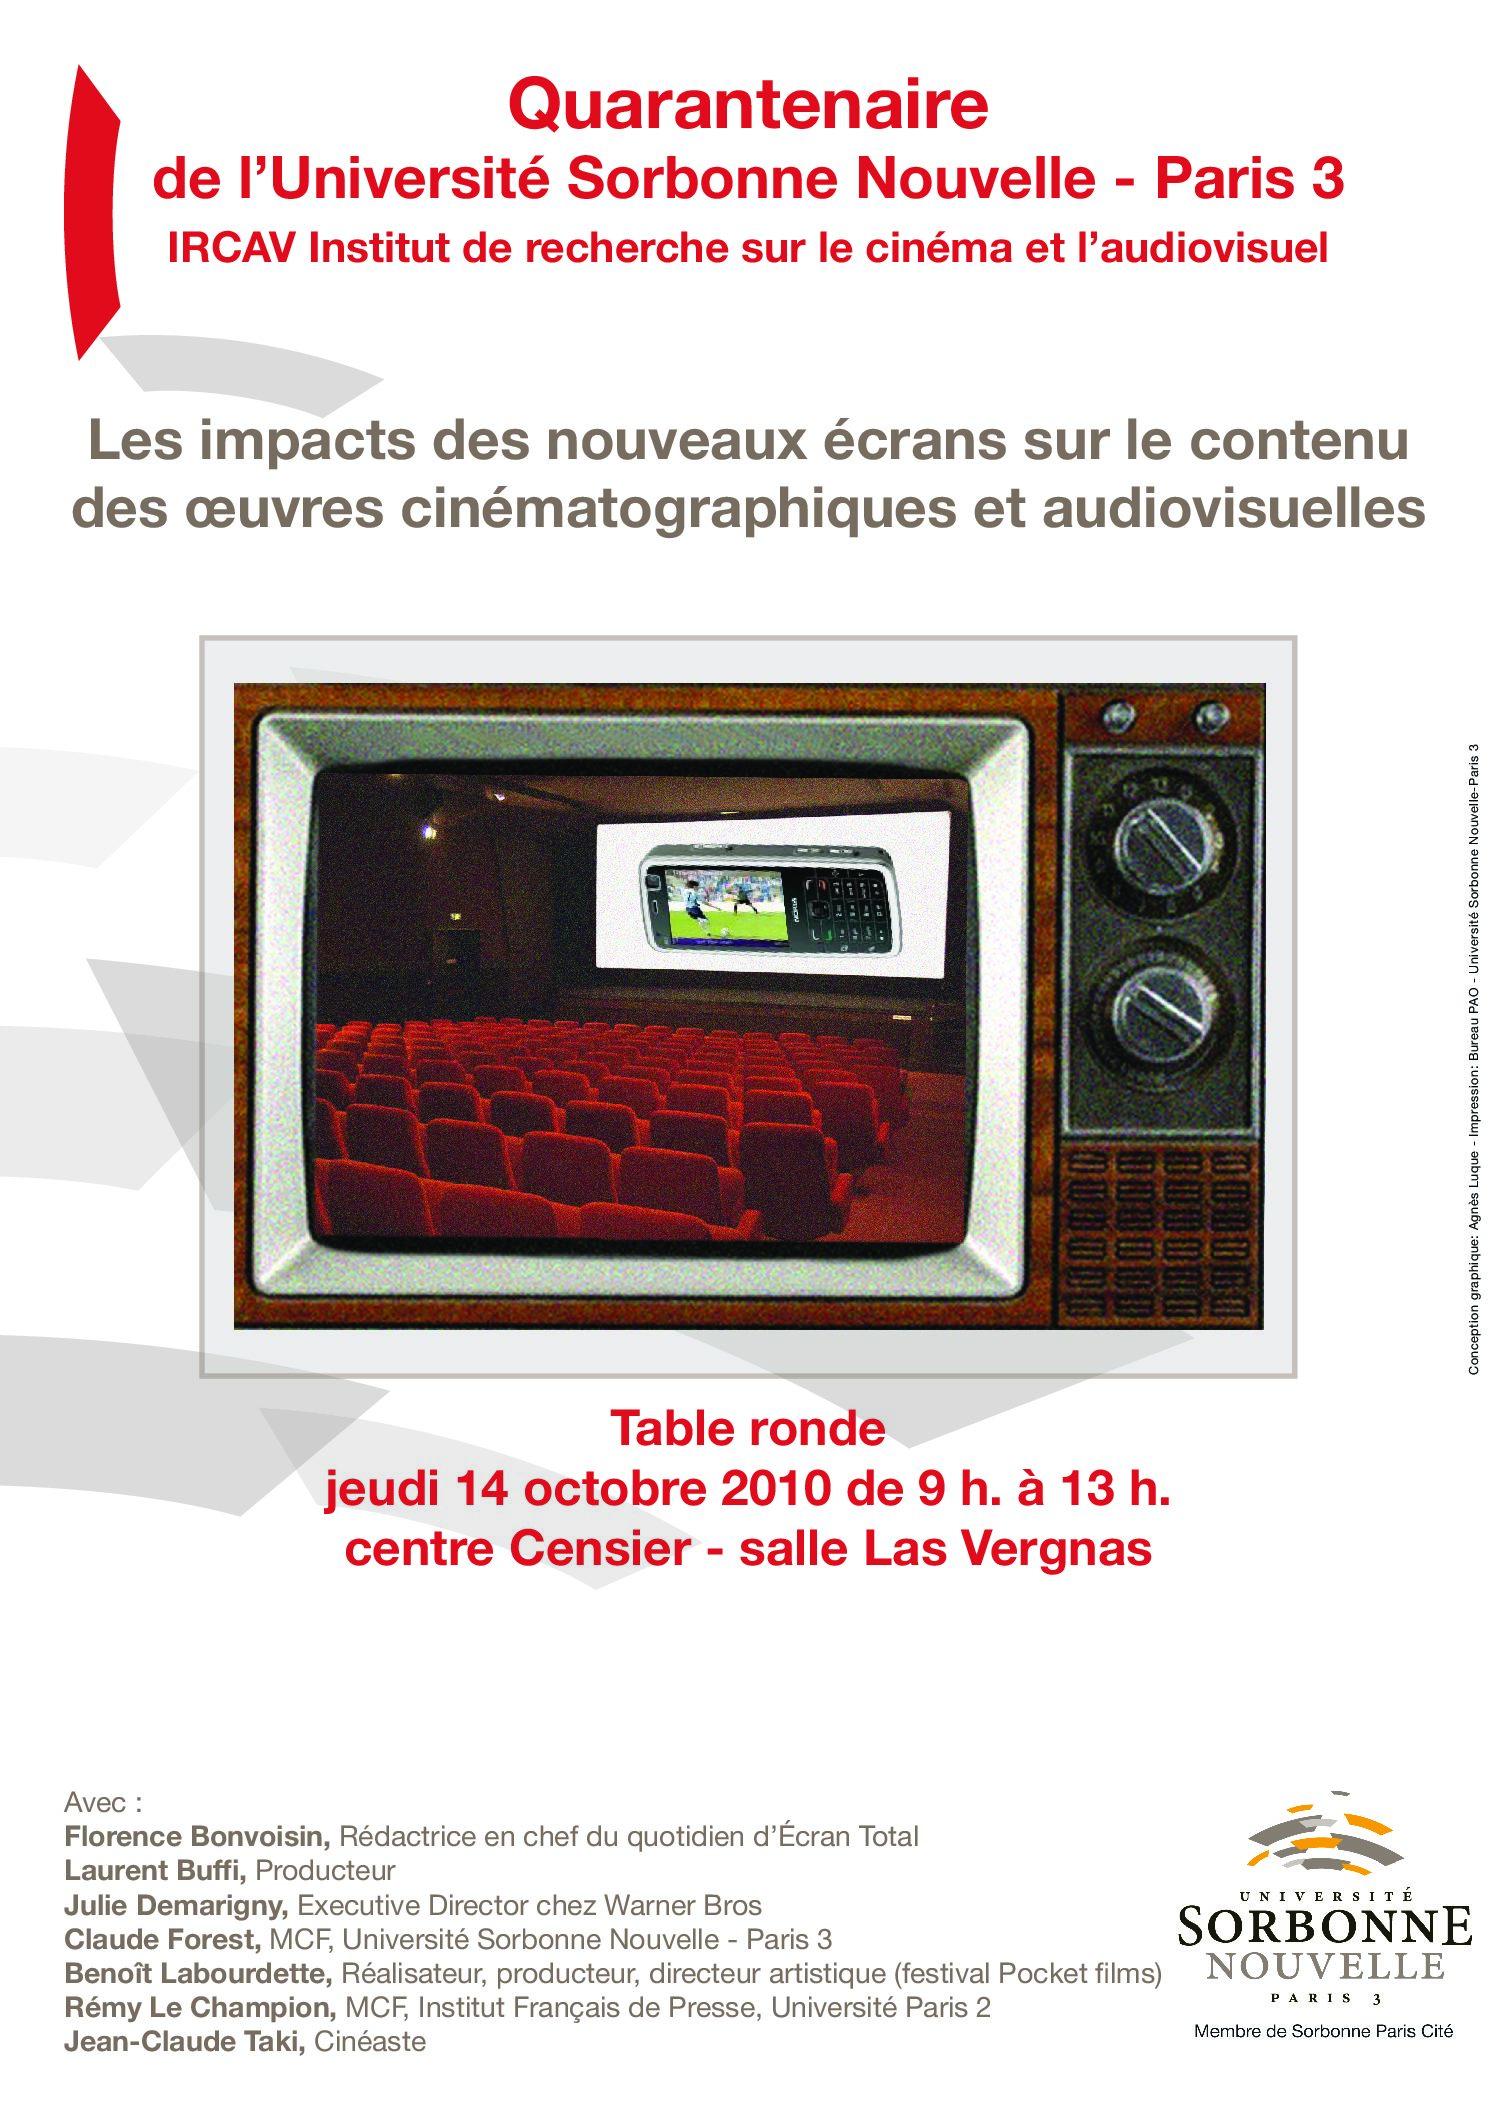 Les impacts des nouveaux écrans sur le contenu des œuvres cinématographiques et audiovisuelles